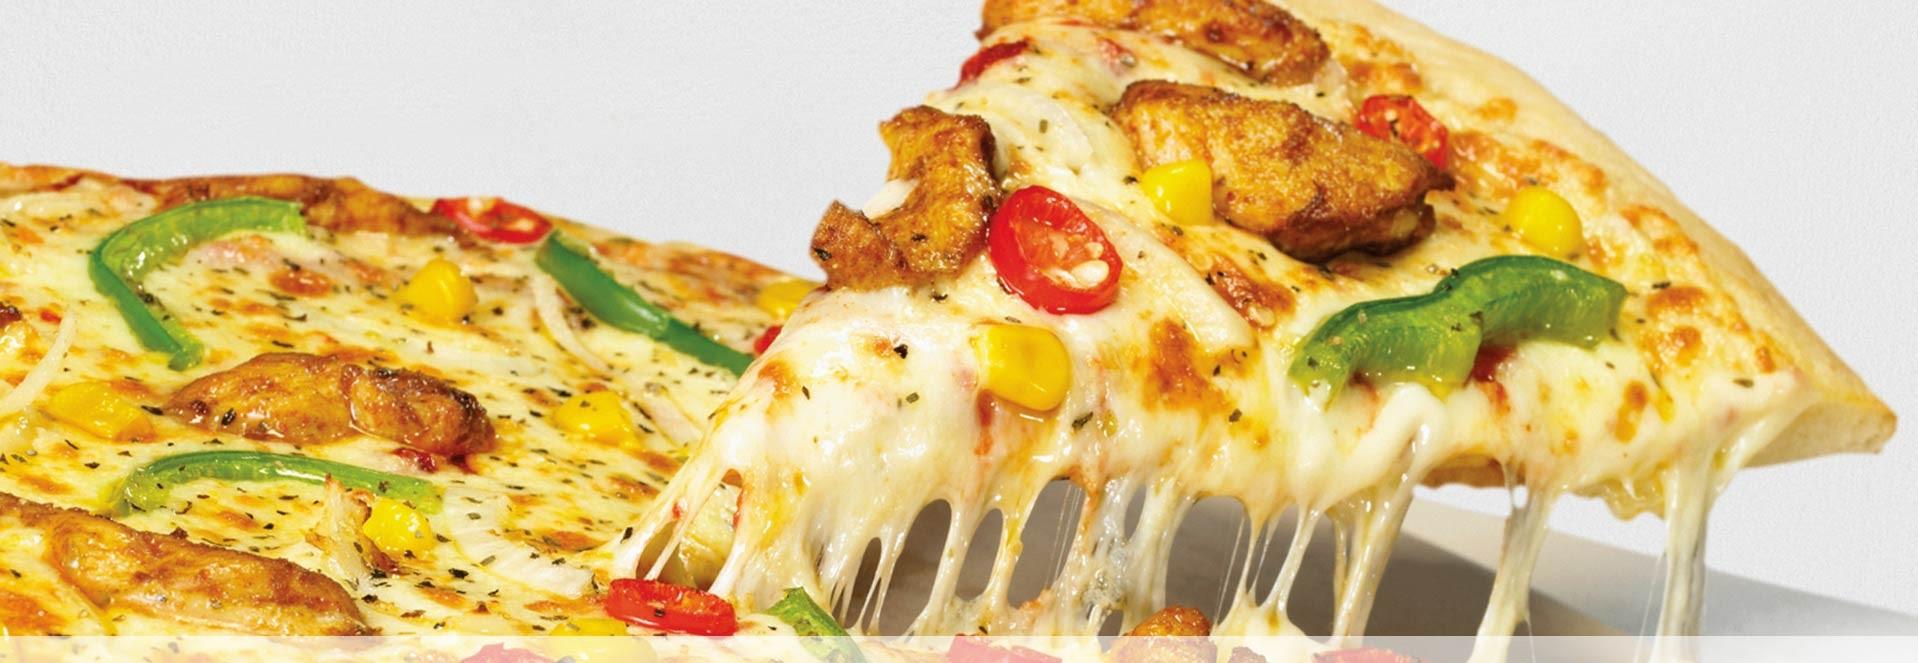 bb_pizza_inn_resized